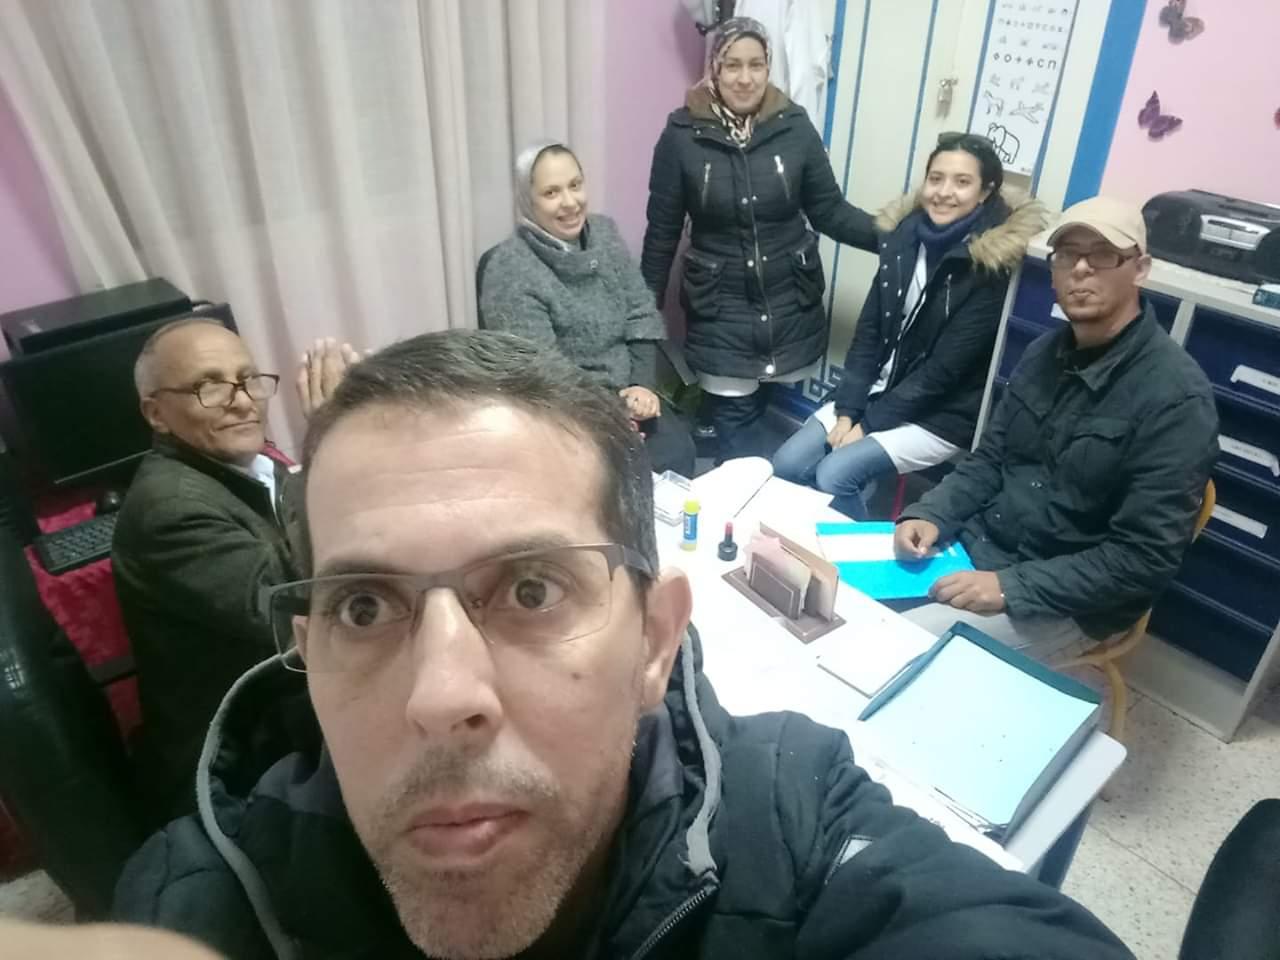 جمعية سنابل الخير للتنمية بأسفي مولود جديد بأسفي